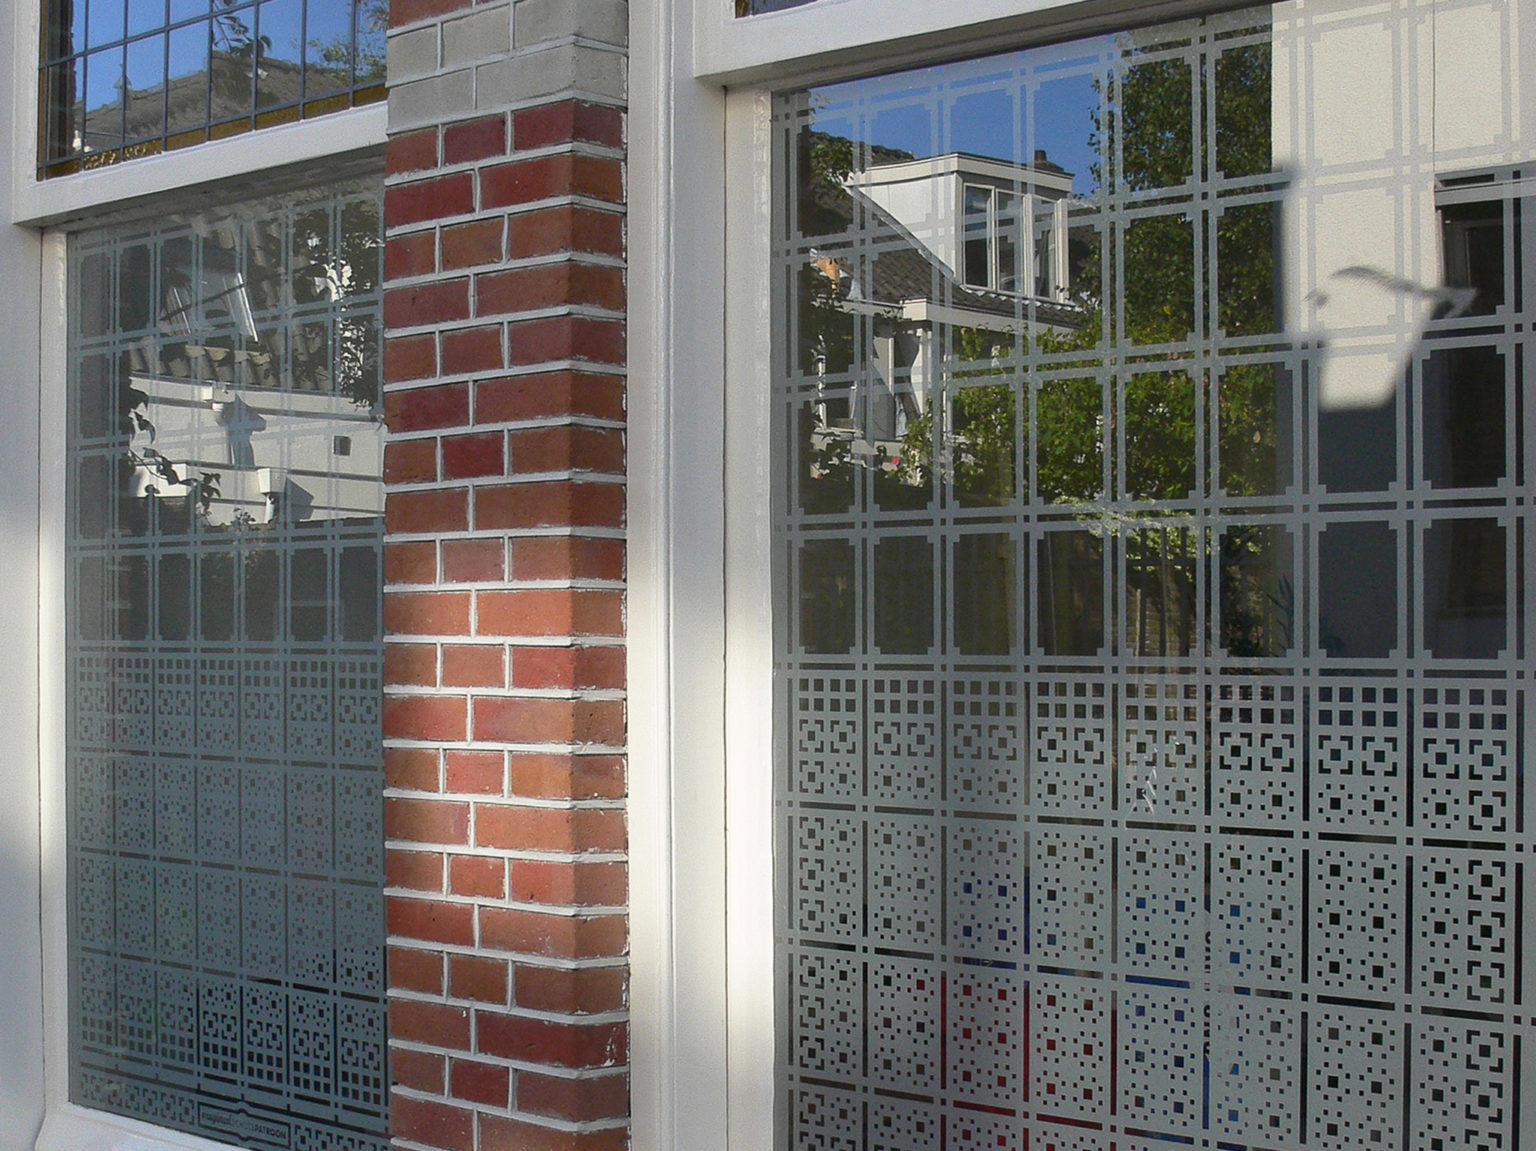 Close up van op maat ontworpen raamfolie patroon / schutspatroon voor woonkamer van buiten gezien